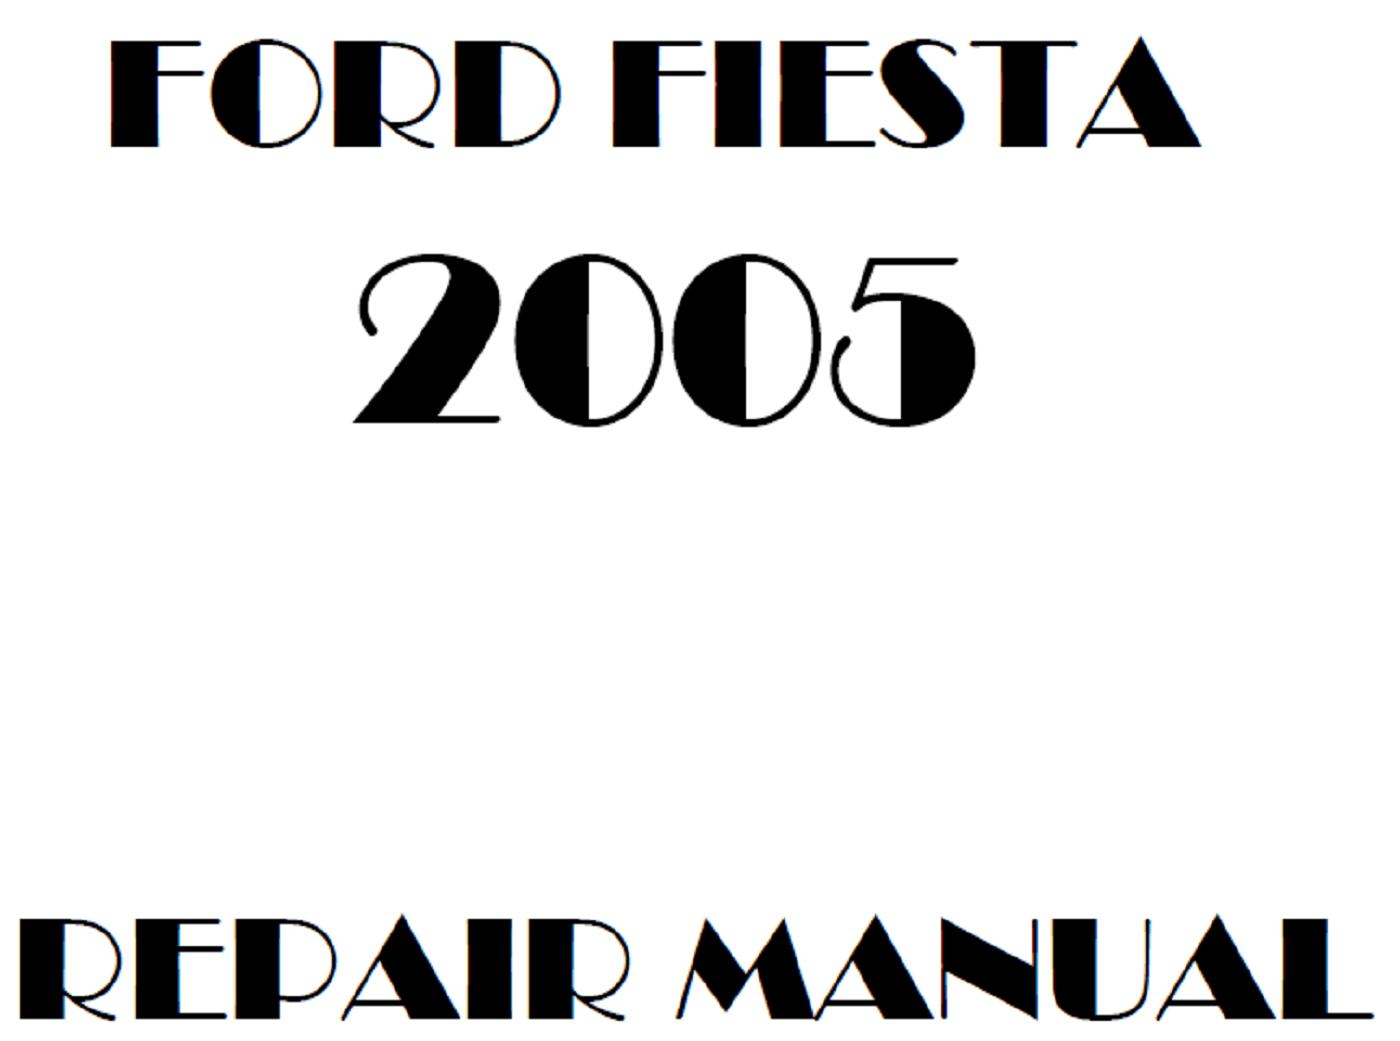 2005 Ford Fiesta repair manual